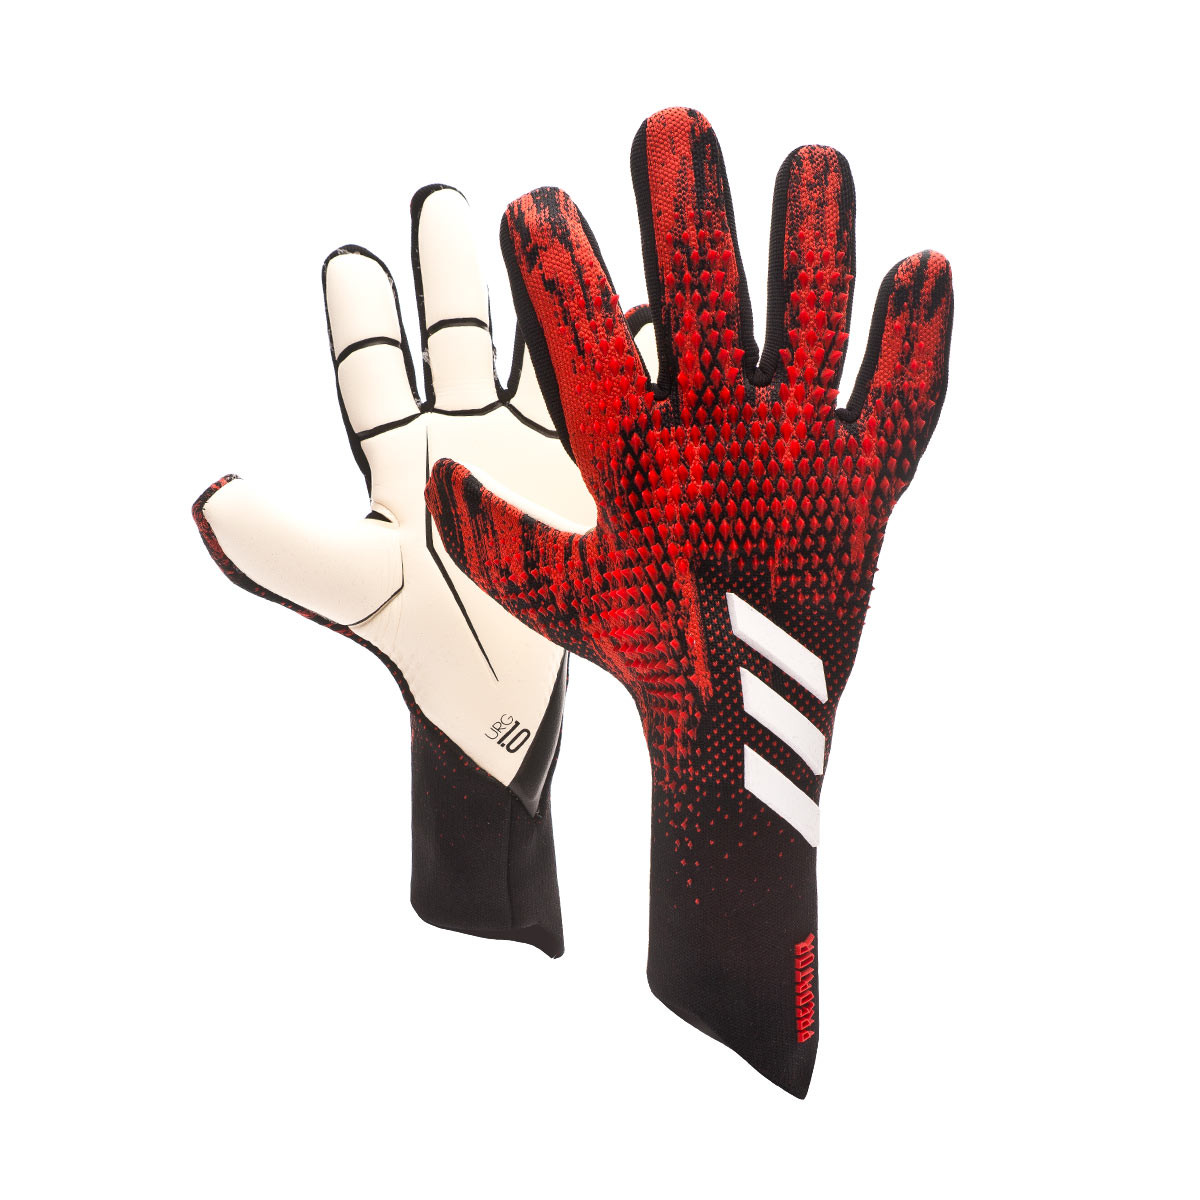 República favorito vitalidad  Guante de portero adidas Predator Pro PC Black-Active red - Tienda de  fútbol Fútbol Emotion